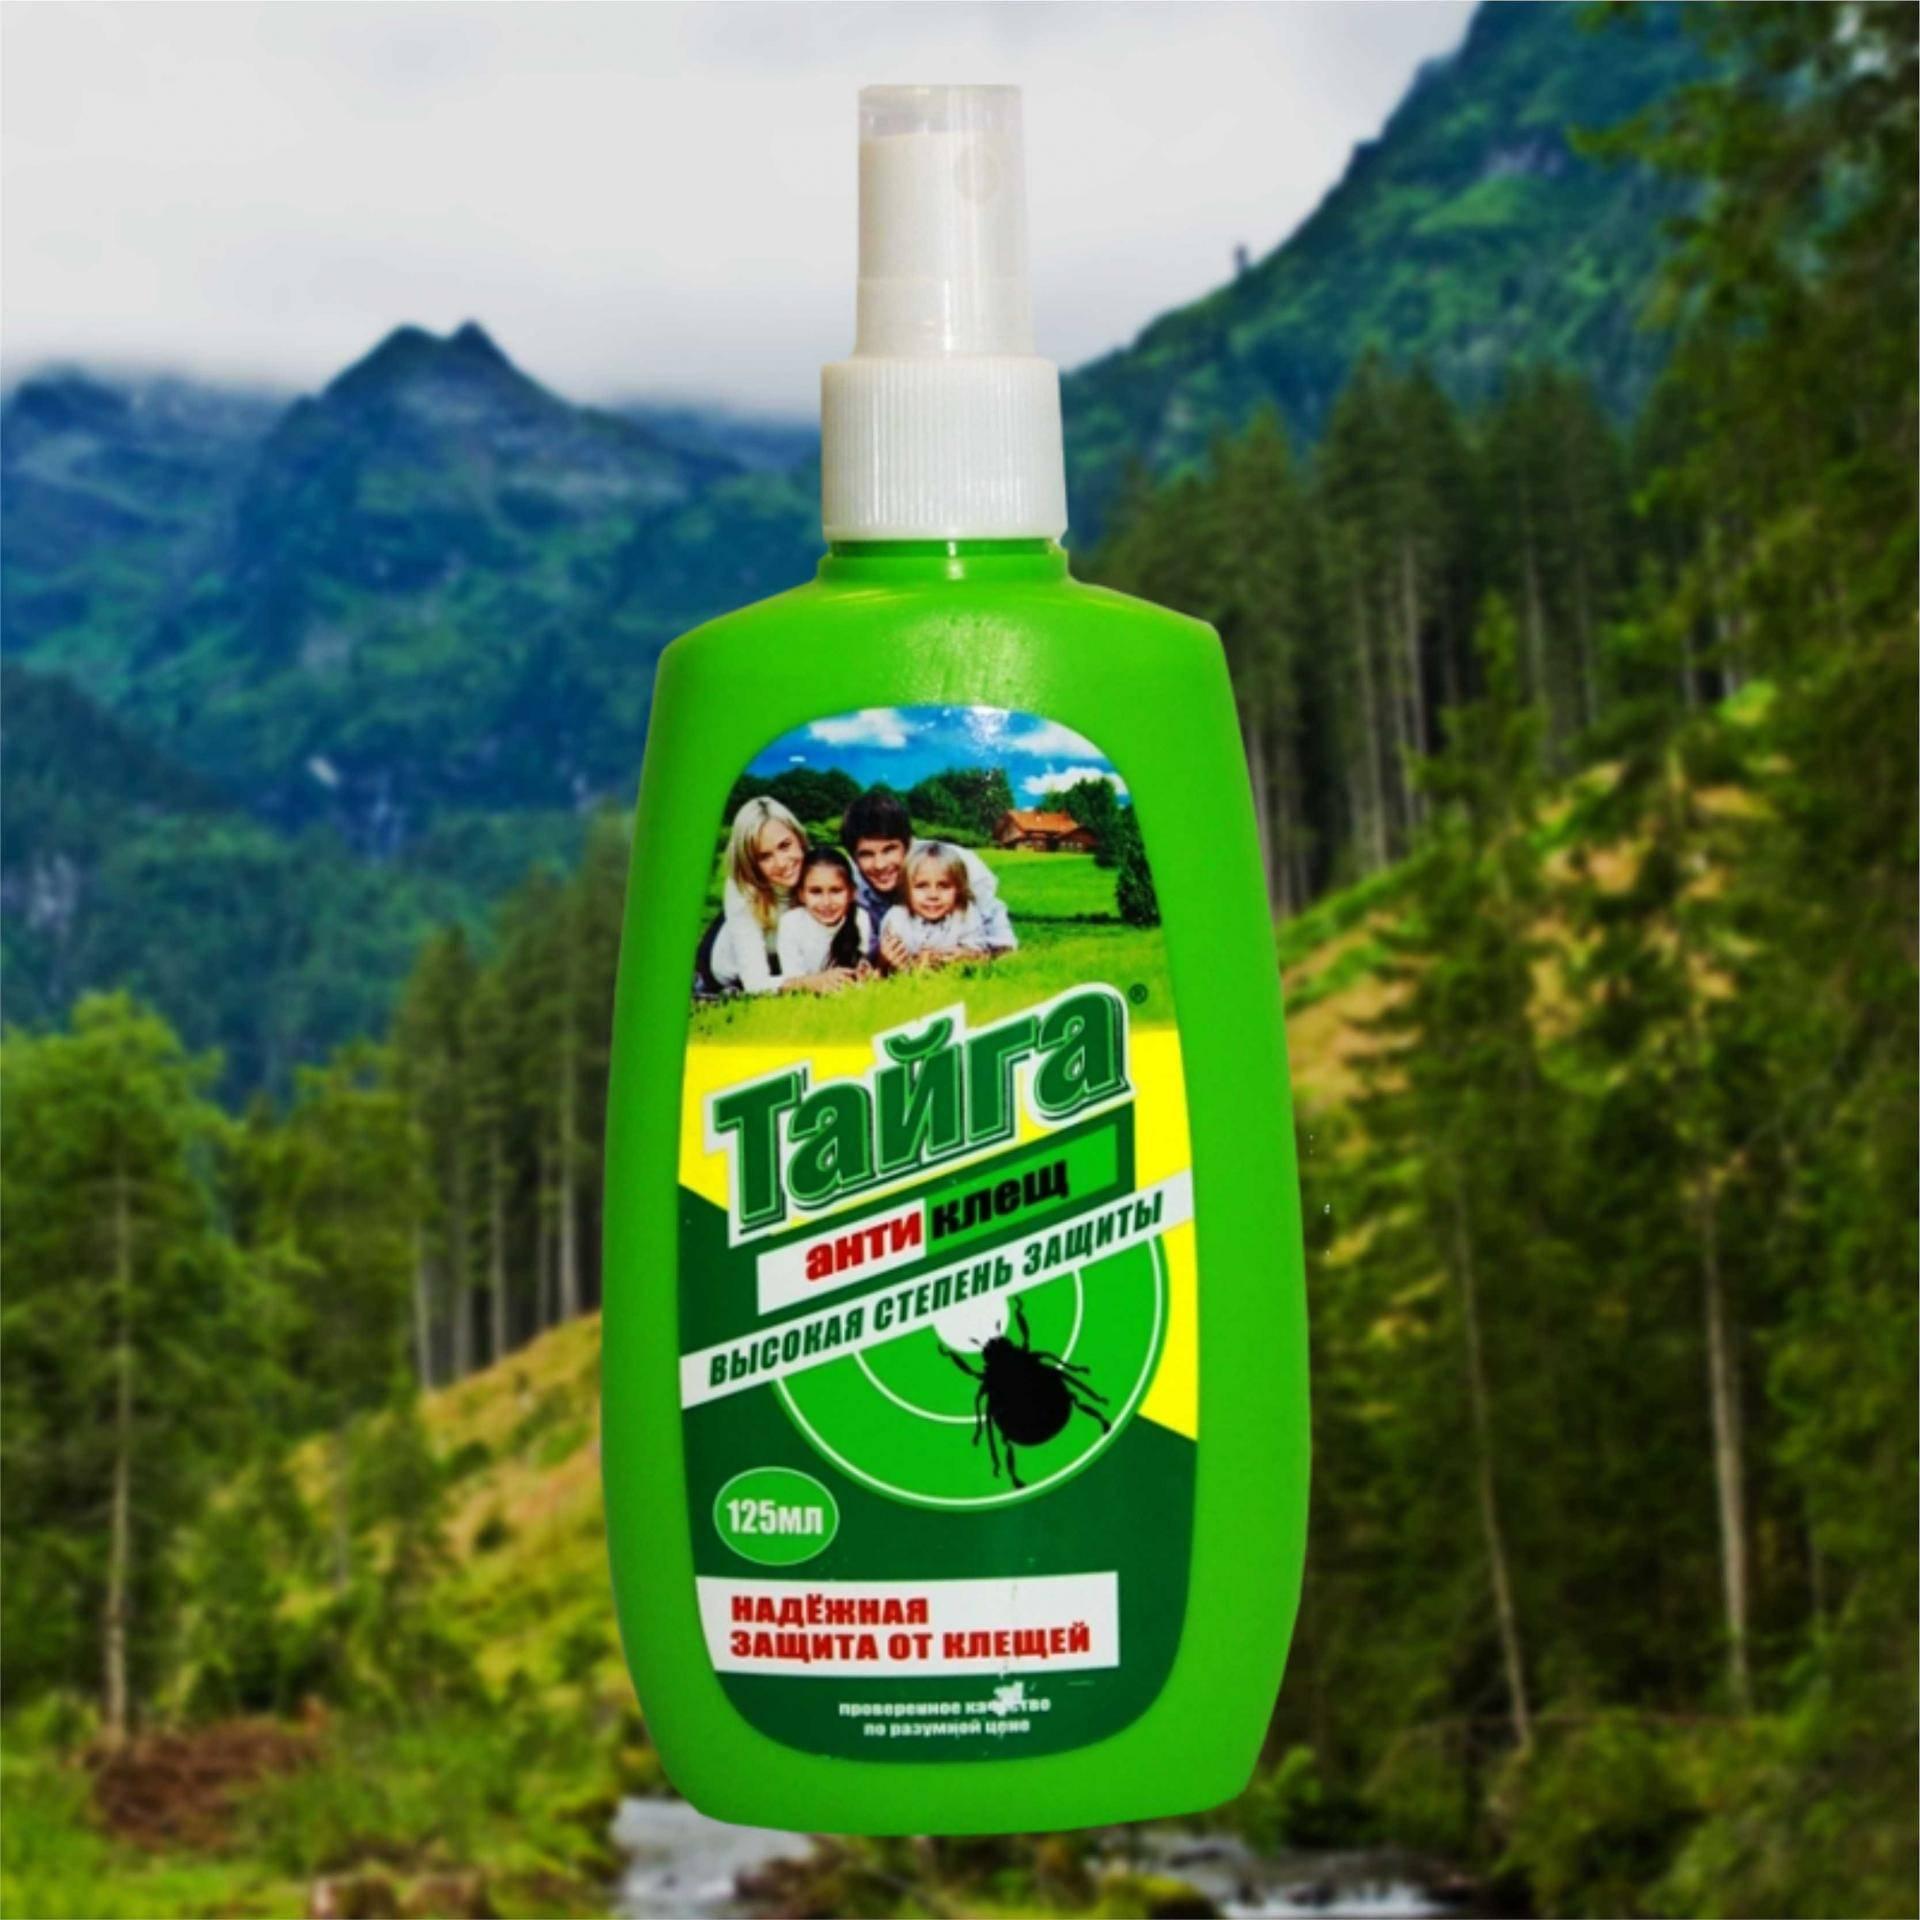 Москитол – эффективный спрей-репеллент от мошек и других насекомых